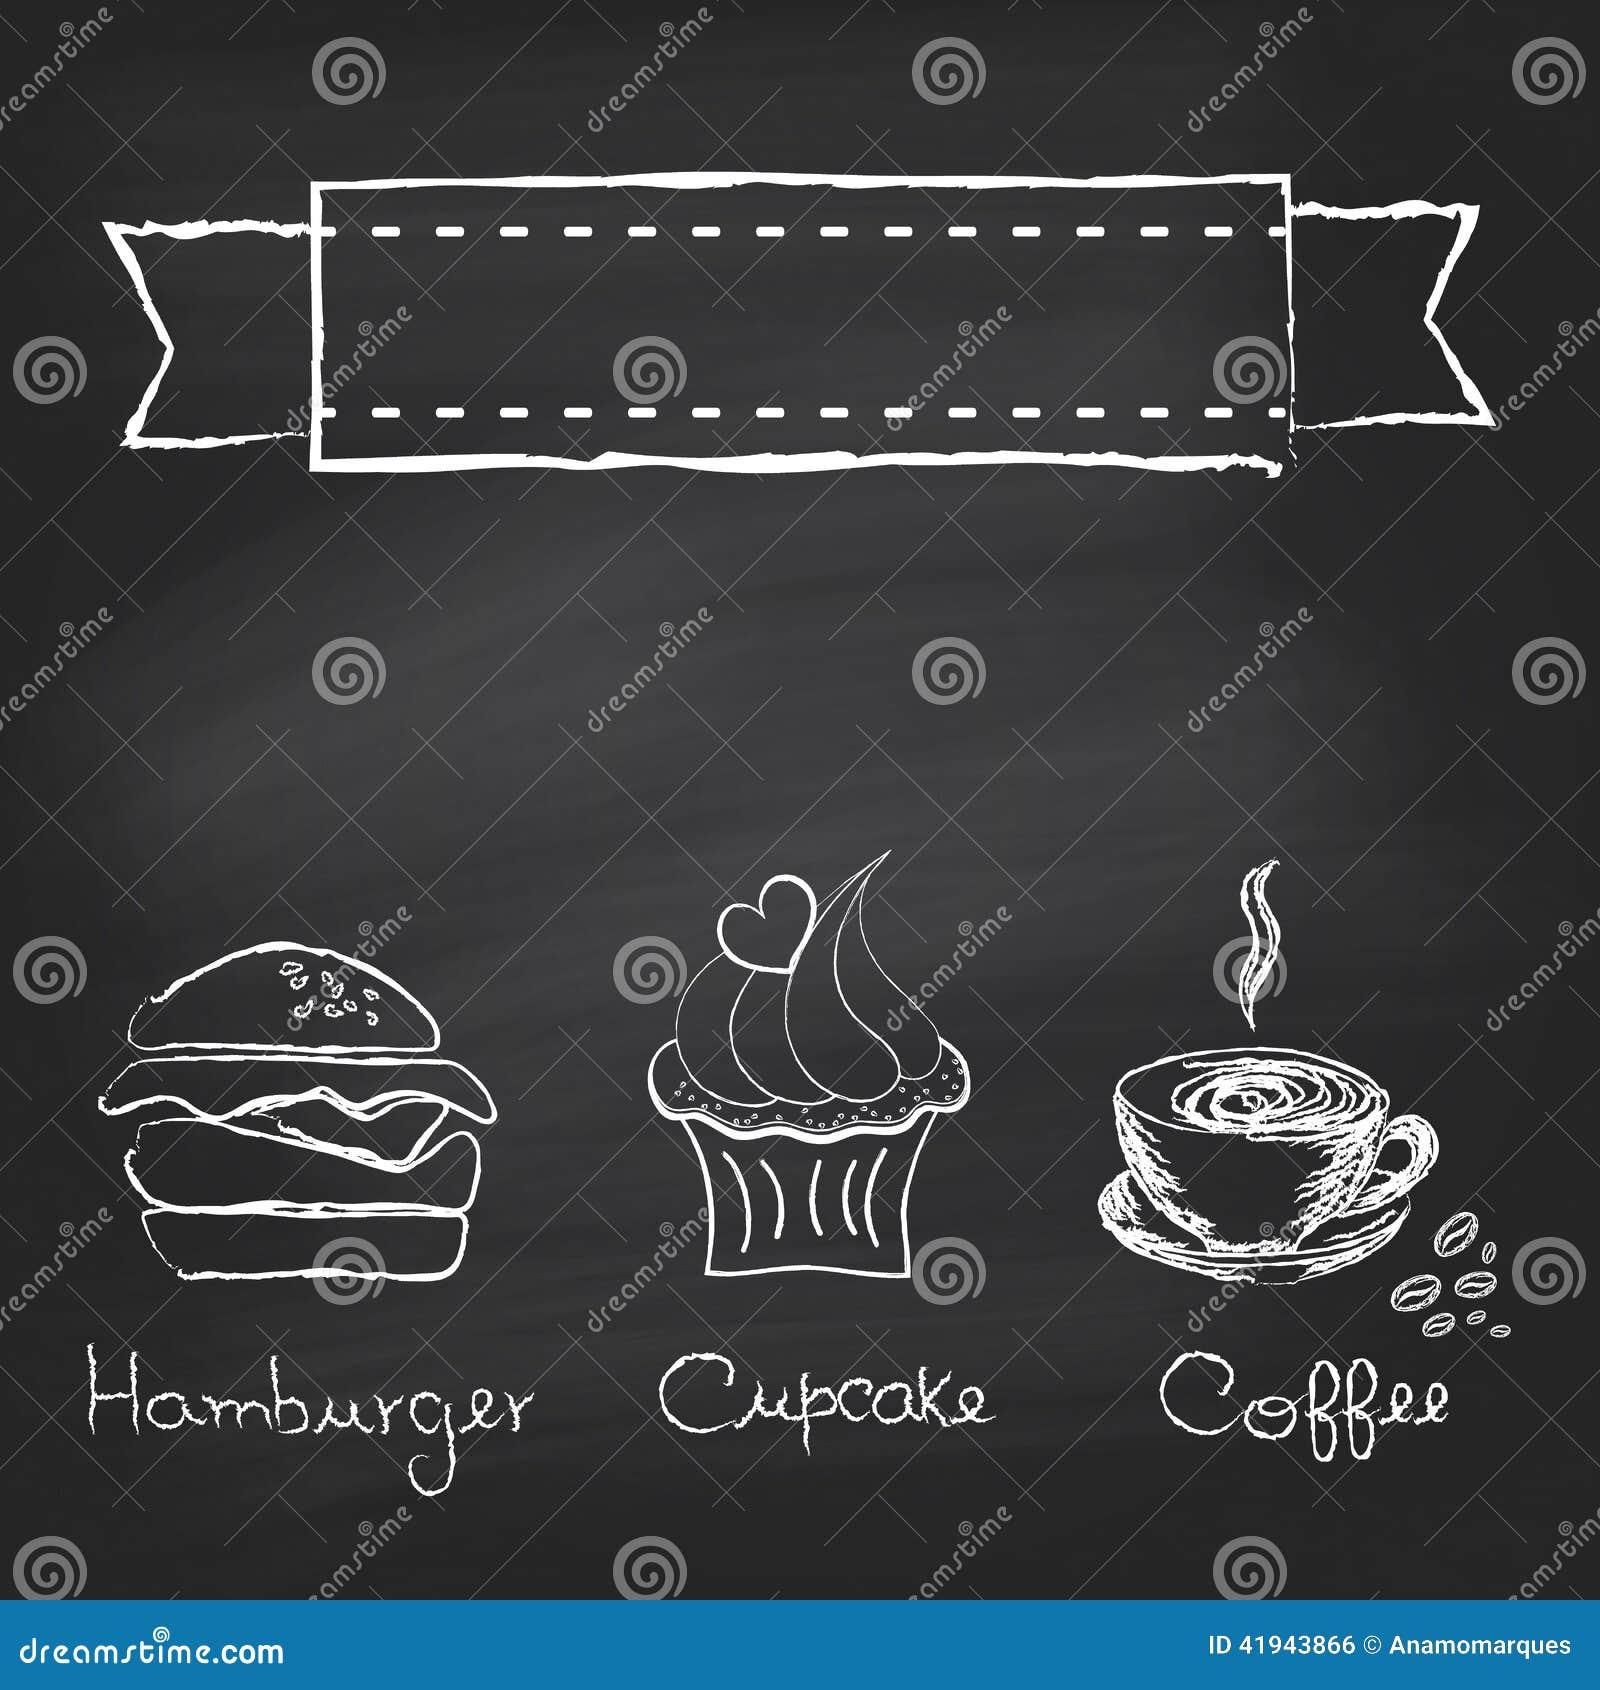 葡萄酒黑板菜单